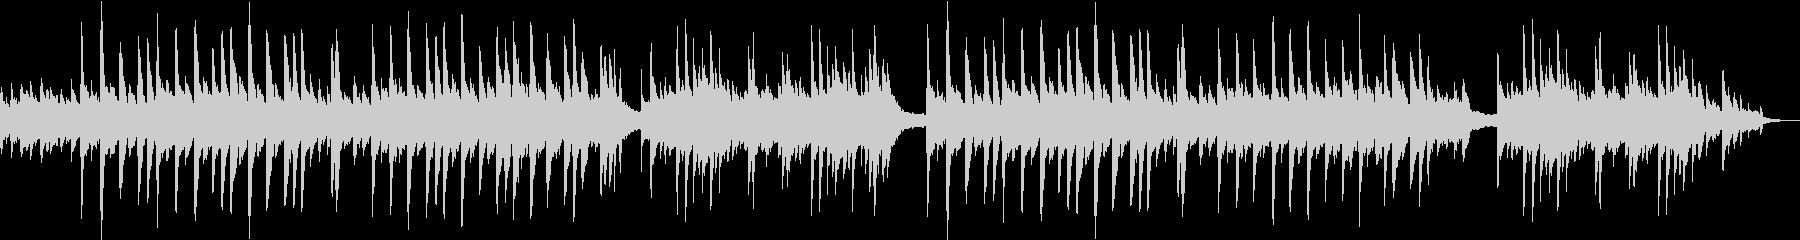 優しいイメージのソロピアノ曲の未再生の波形